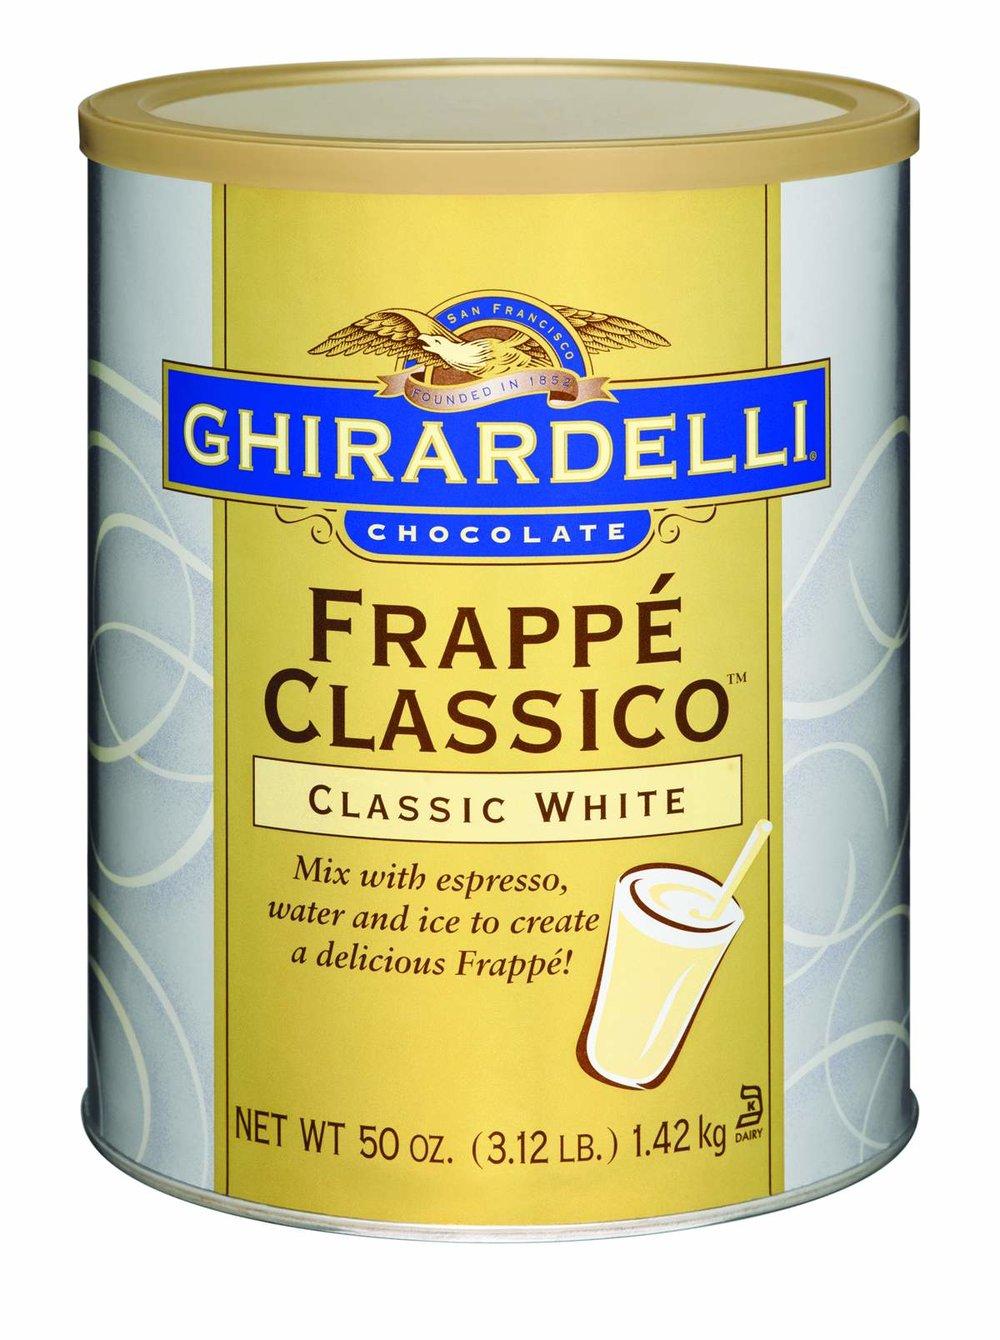 Frappé Classico Classic White